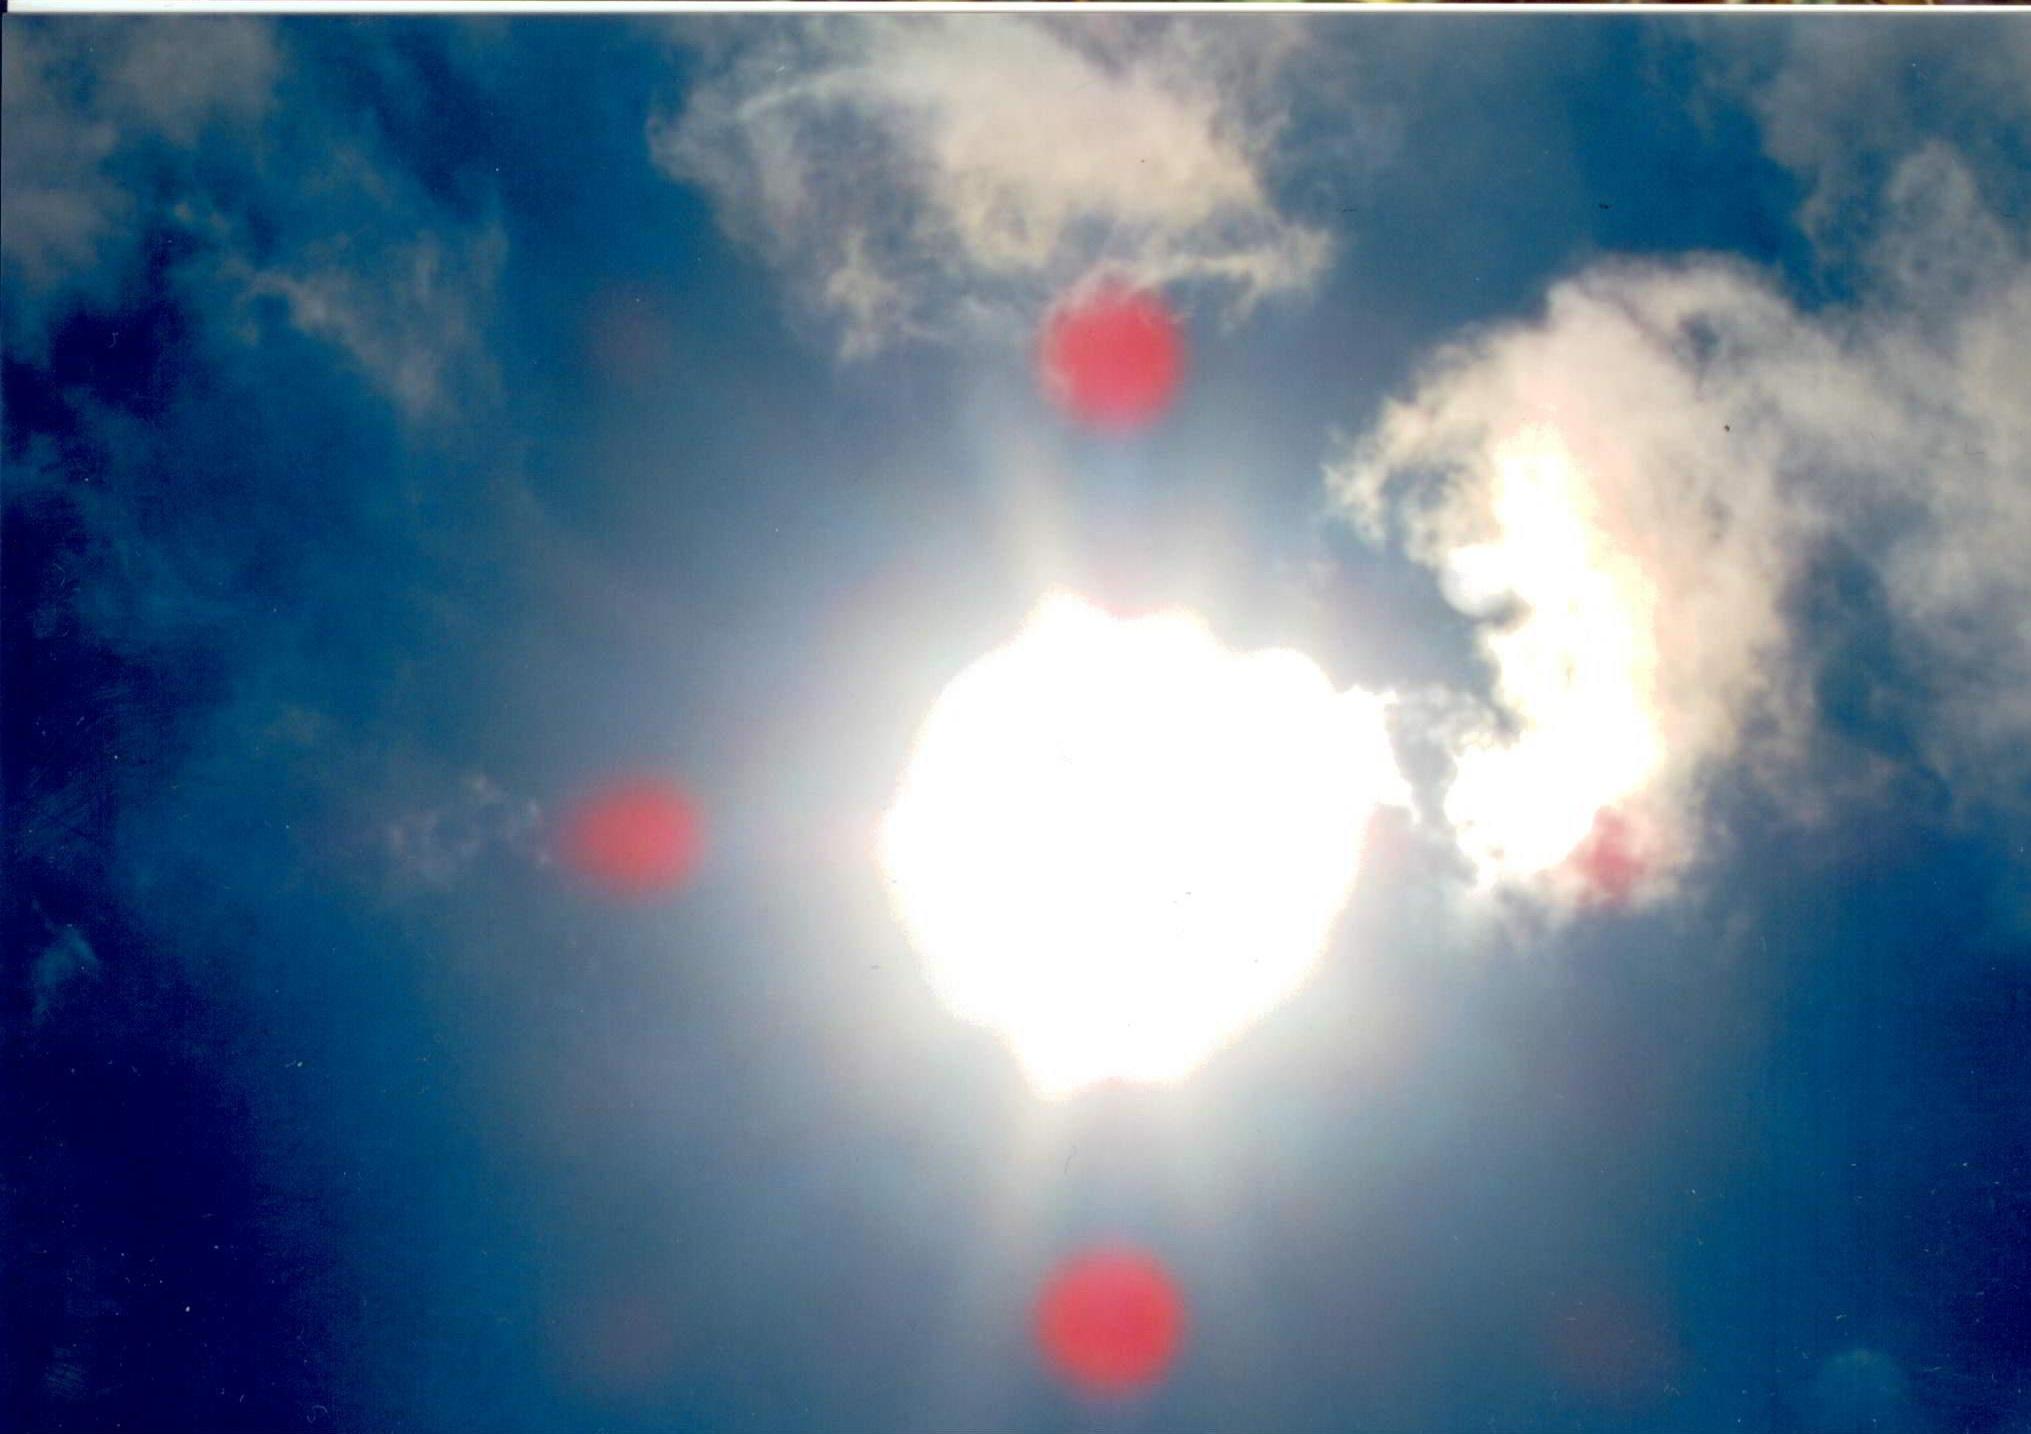 In questa foto si vede lo spirito Lucifero che attacca il sole con i suoi panelli rossi. DIO UNIVERSALE non vuole fare guerra ma devo fermare i spiriti altrimenti destruggono il mondo.